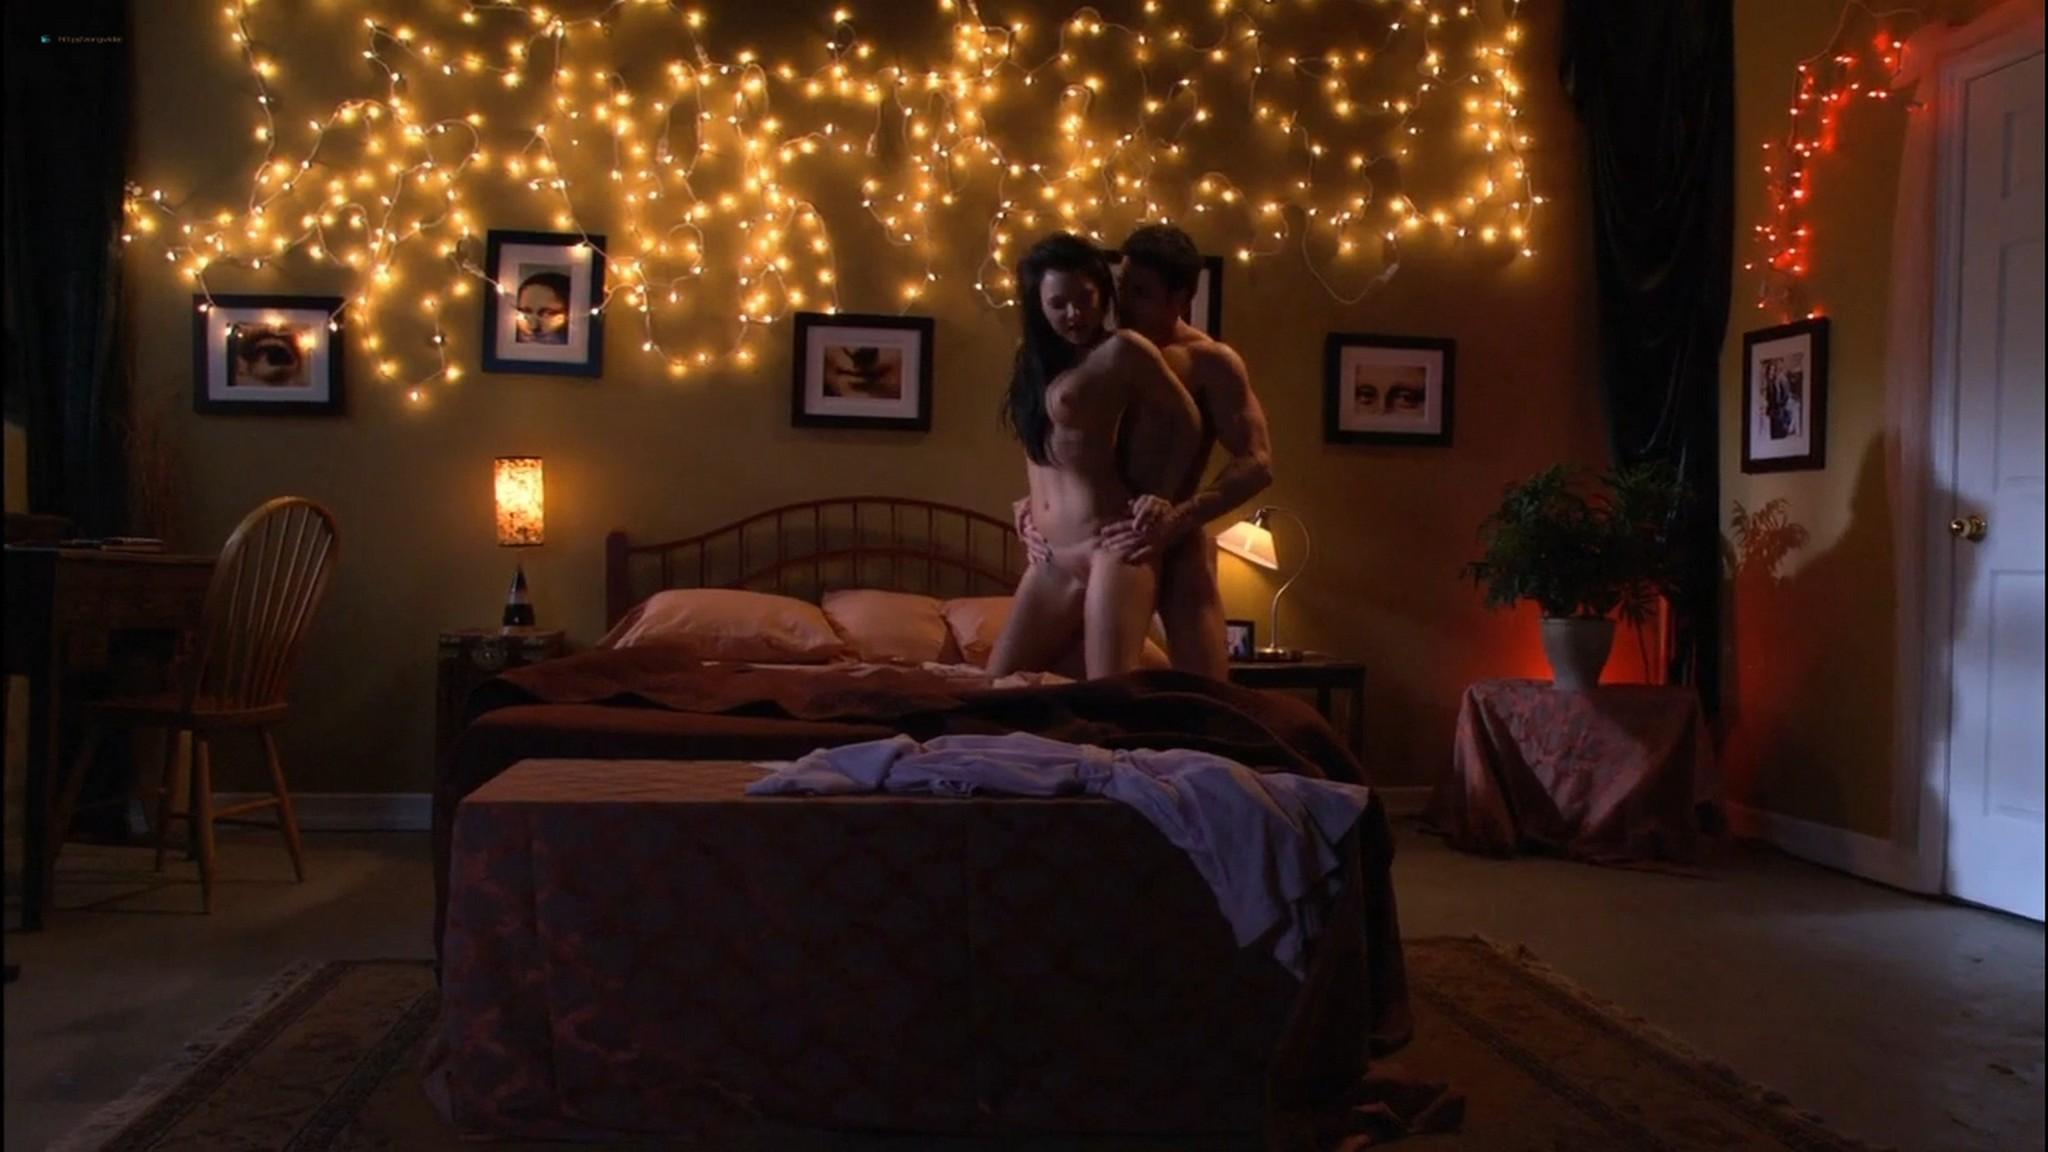 Lana Tailor nude sex Erin Brown Jennifer Korbin all nude sex too Lingerie 2009 HD 720p 001